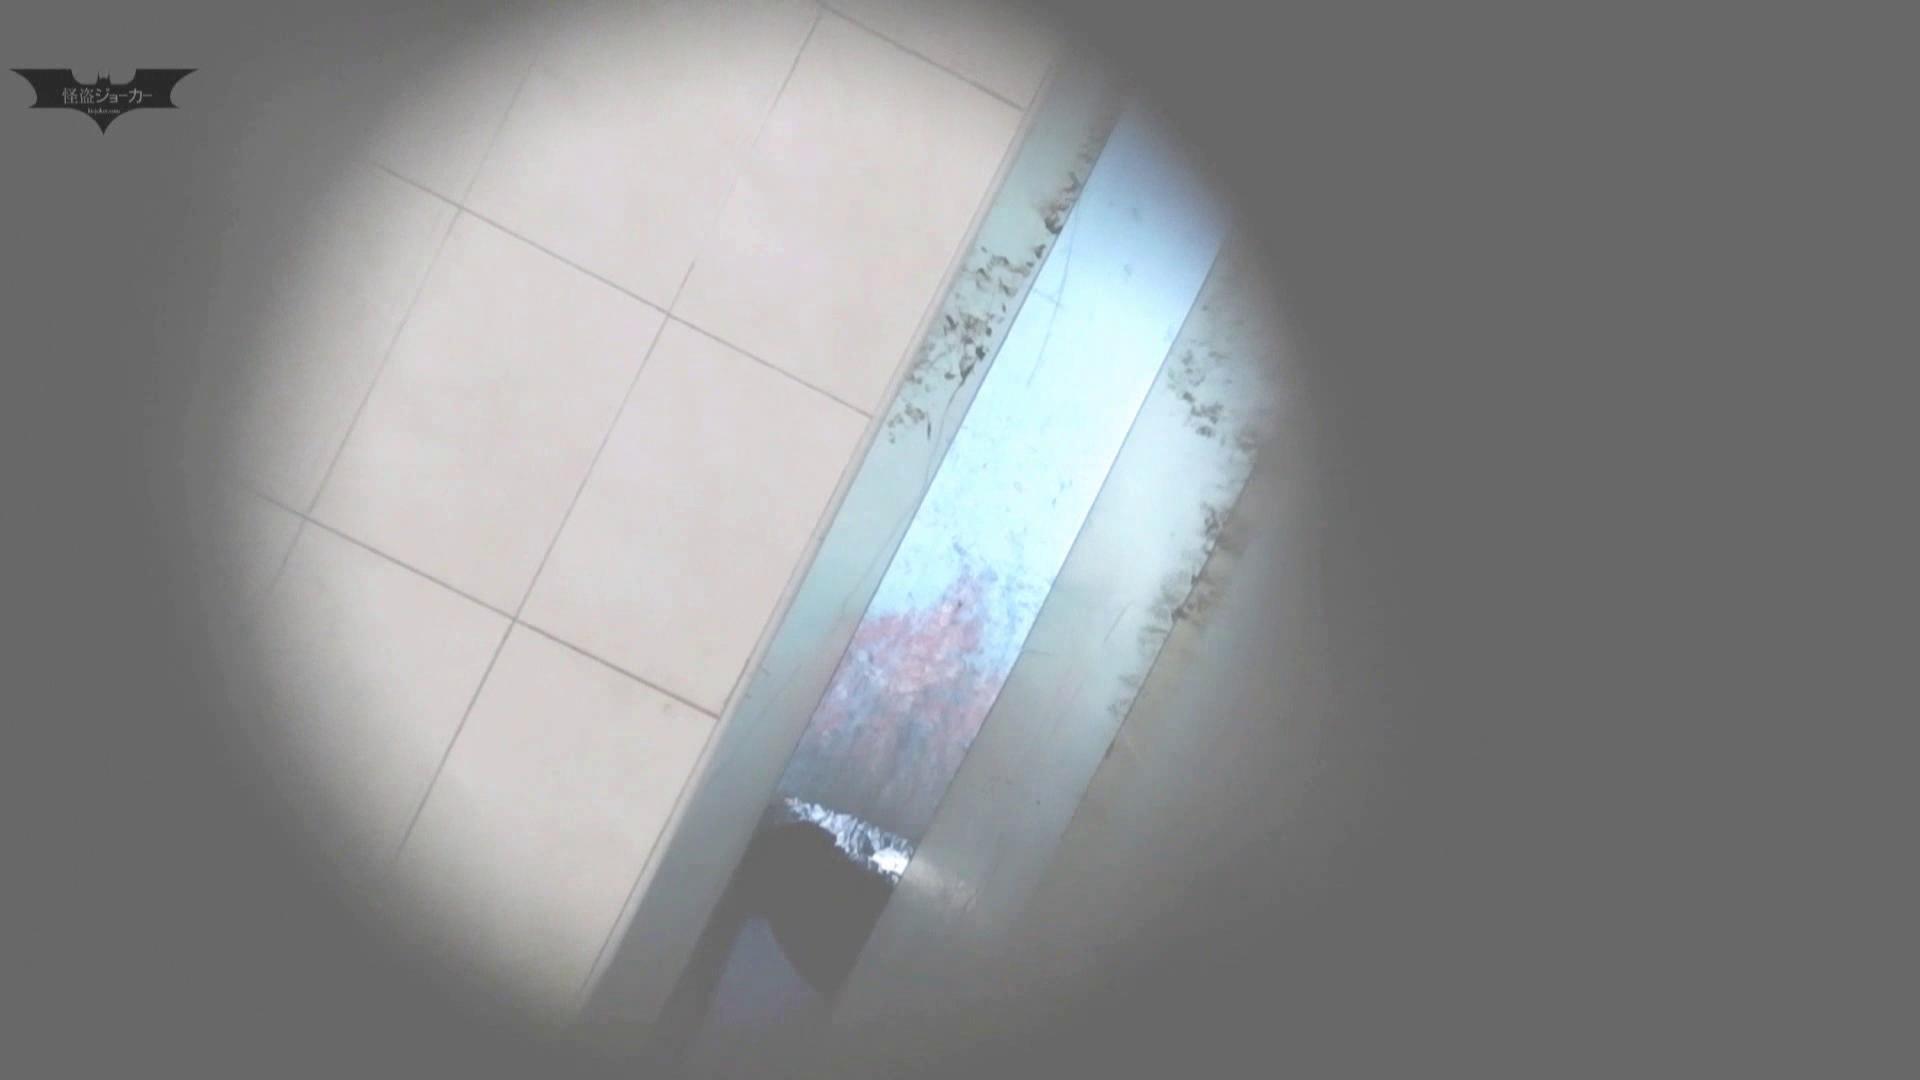 ヤリマンのオマンコ:ステーション編 vol.32 美女御用達洗面所!!:怪盗ジョーカー